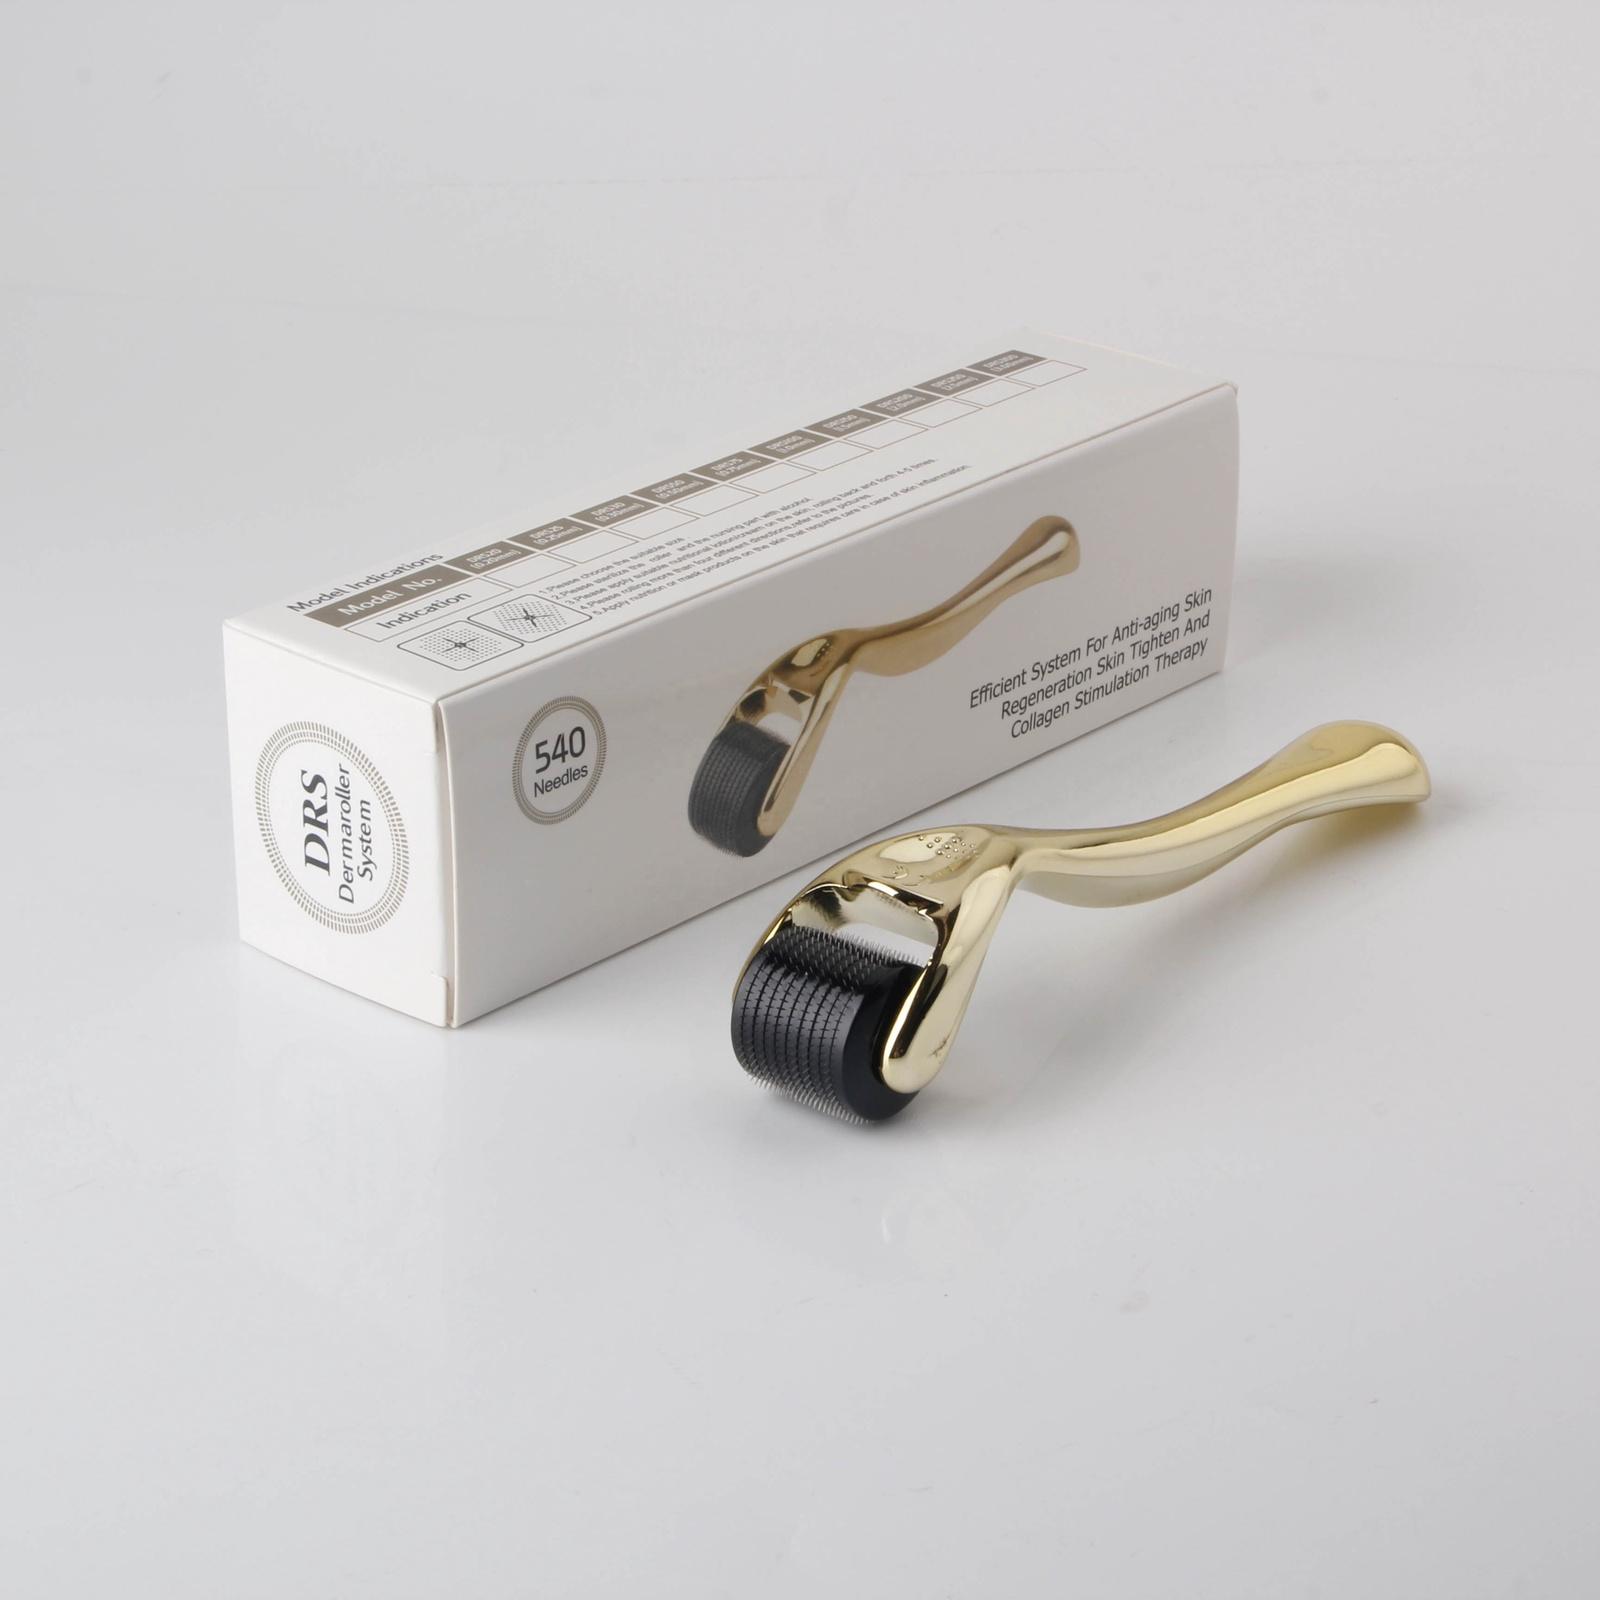 Мезороллер DRS DRS30 540 Gold DermaRoller Золотой 540 игл длиной 0.3 мм МР382